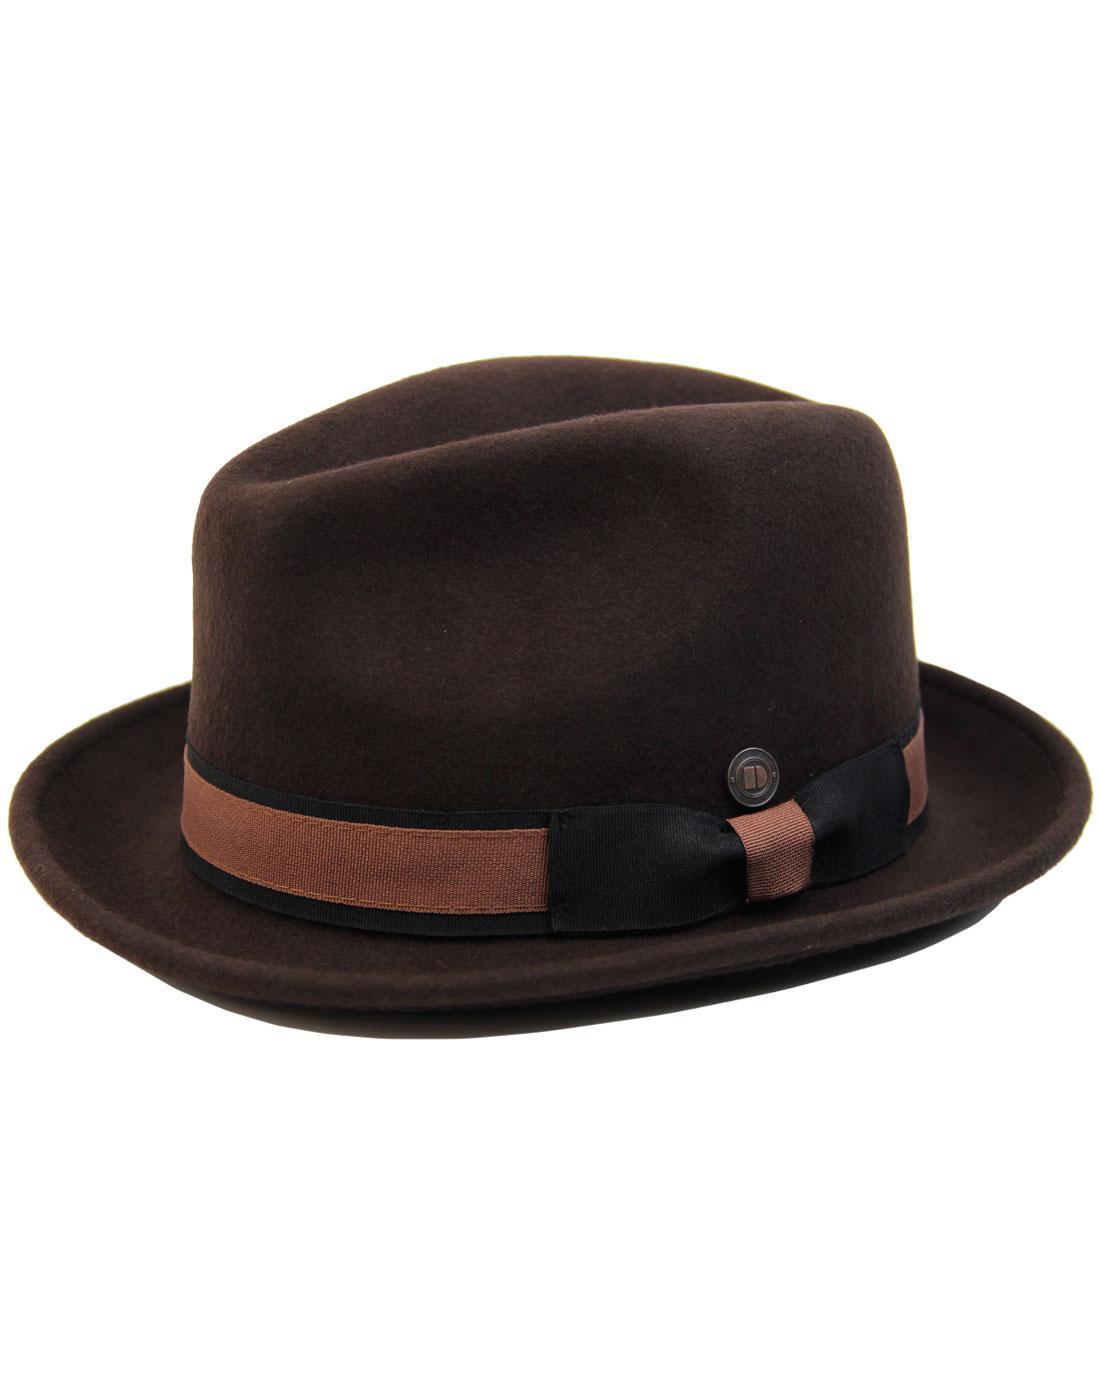 Robin DASMARCA 60s Mod Wool Felt Trilby Hat COFFEE